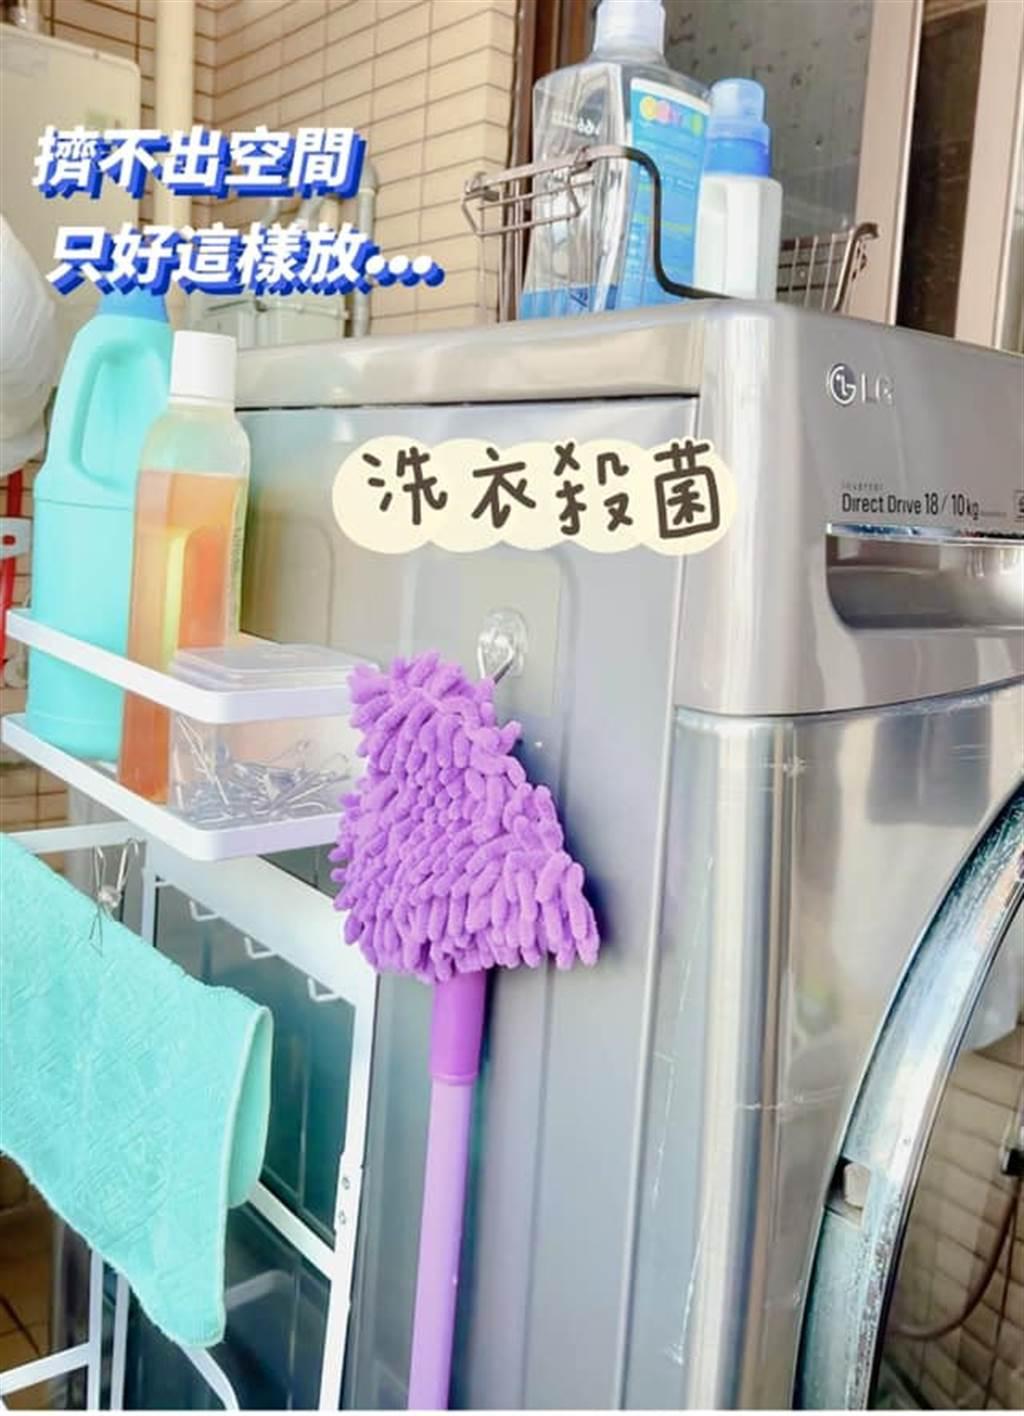 考量洗衣機旁沒辦法挪出空間放置物架或工作推車,因此選擇磁吸式掛架直接黏貼在洗衣機側身,藉此方便收納洗衣精以及吊掛抹布。(圖片提供/網友邱如禎)